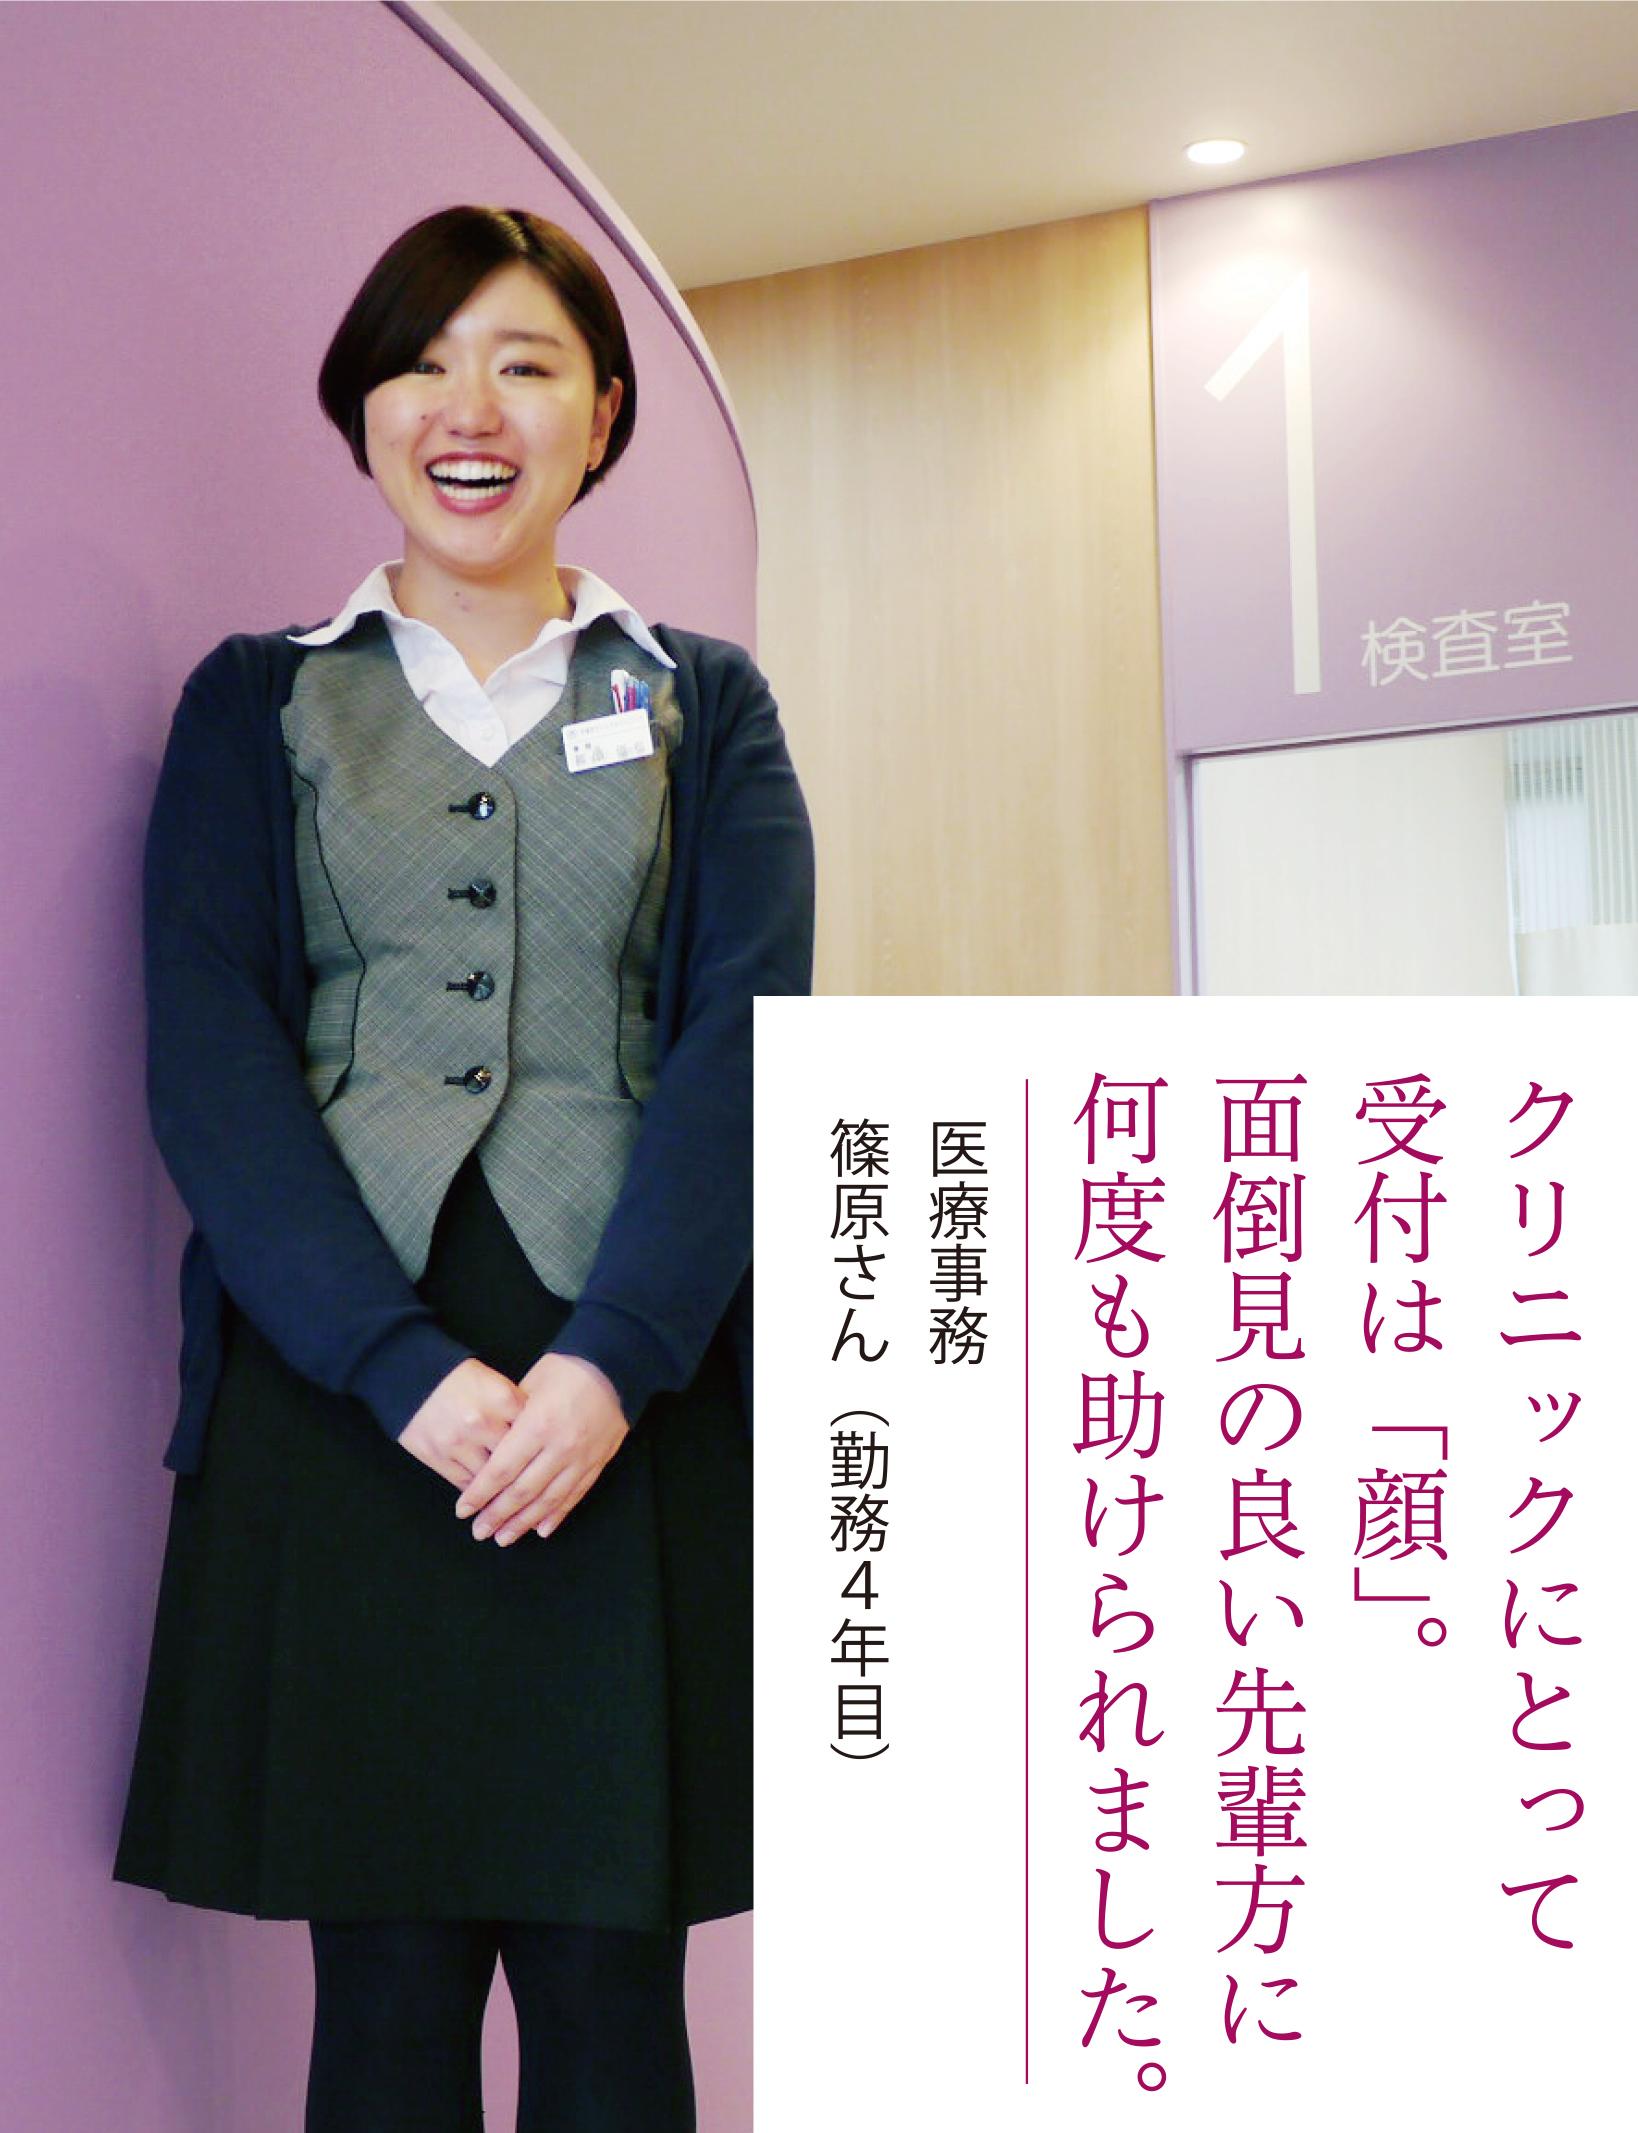 shinohara.jpg